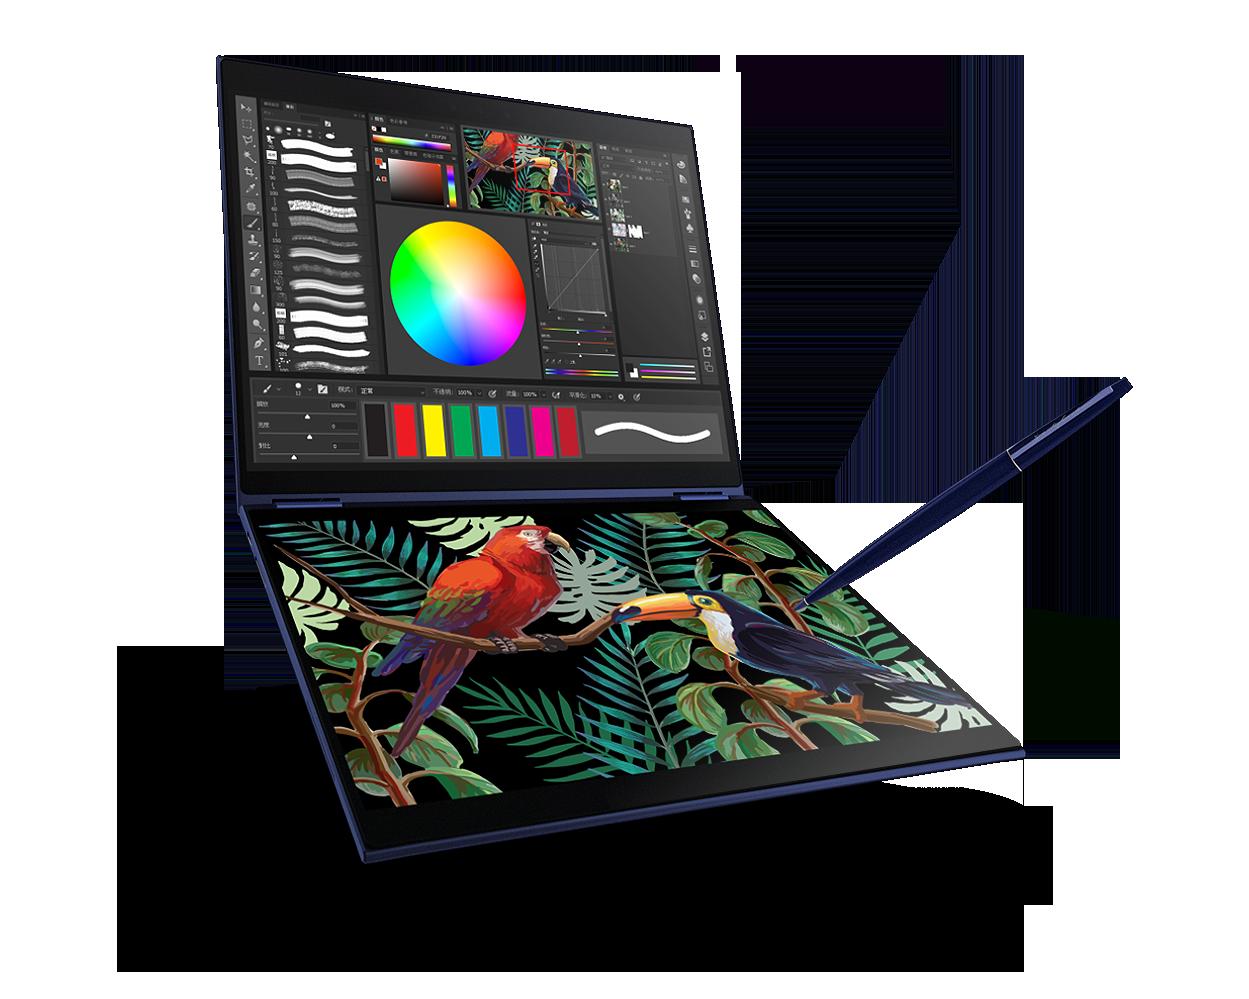 ASUS Project Precog è il PC del futuro: due schermi, nessuna tastiera, e ovviamente tanta AI! (foto)